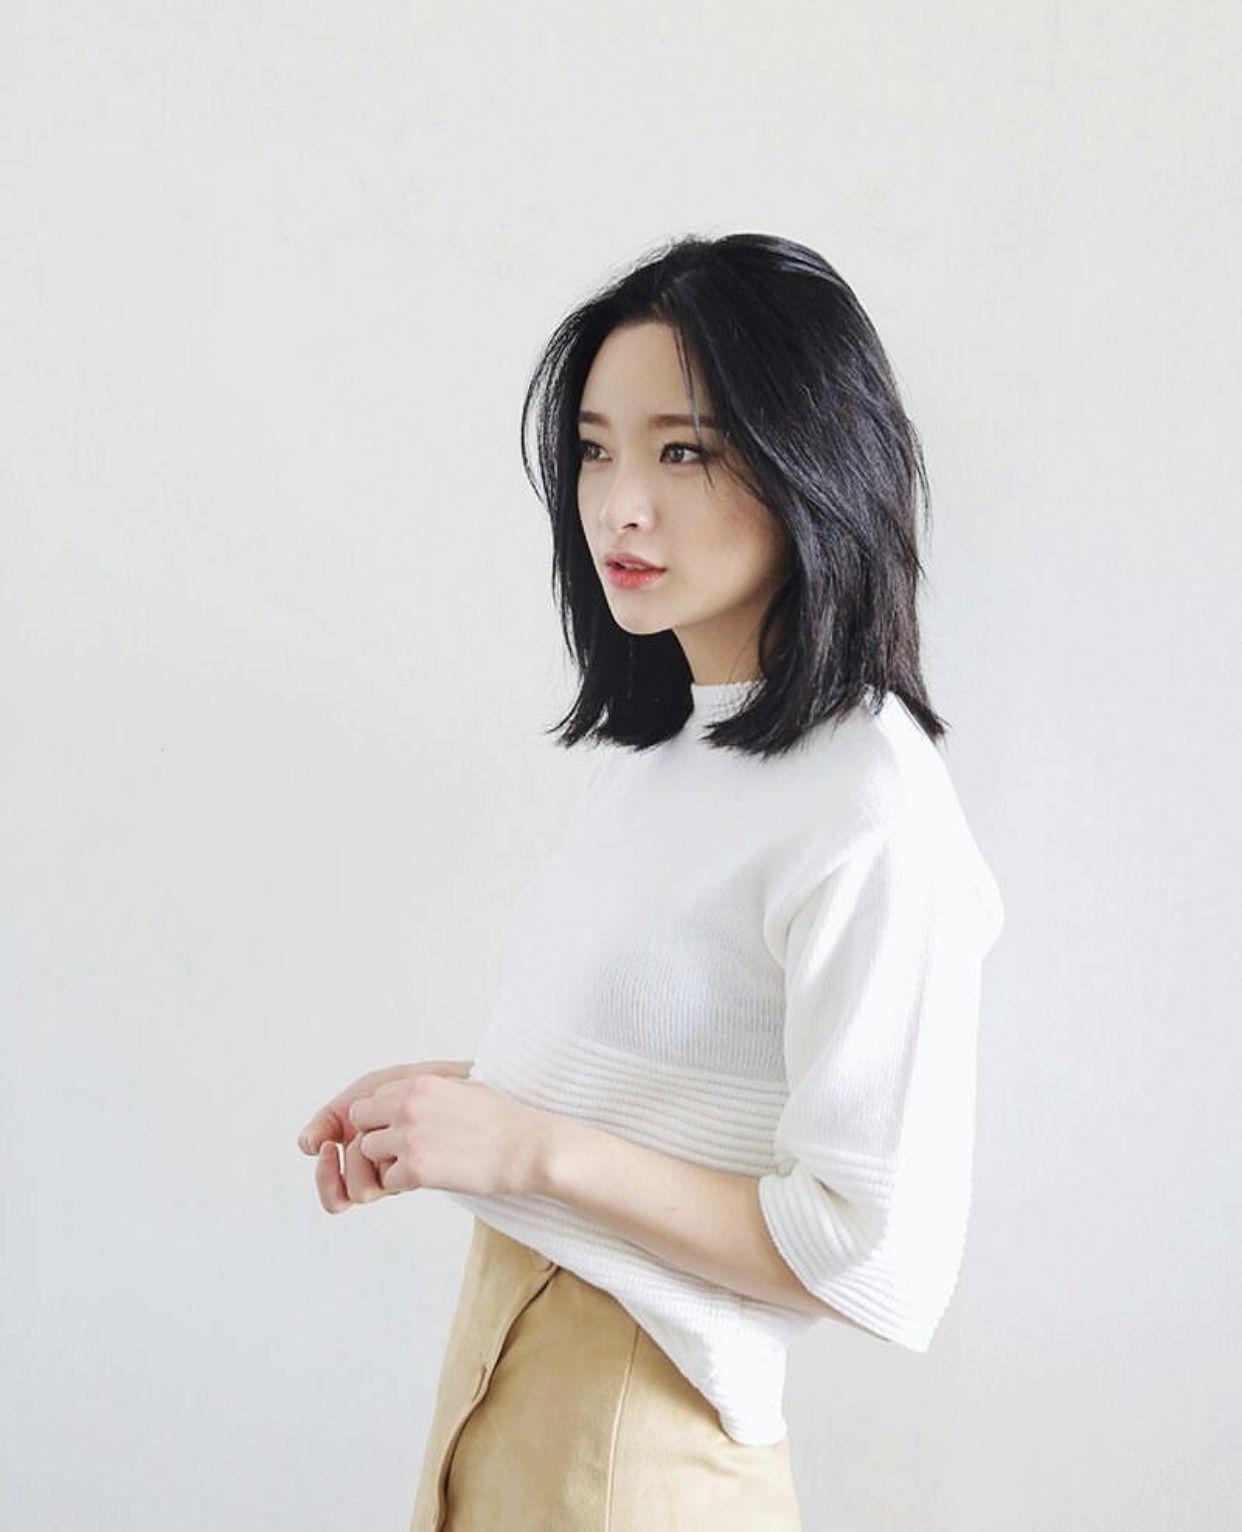 Byun Jungha 💛 | Coiffures asiatiques, Coupe de cheveux, Coupe de cheveux asiatique